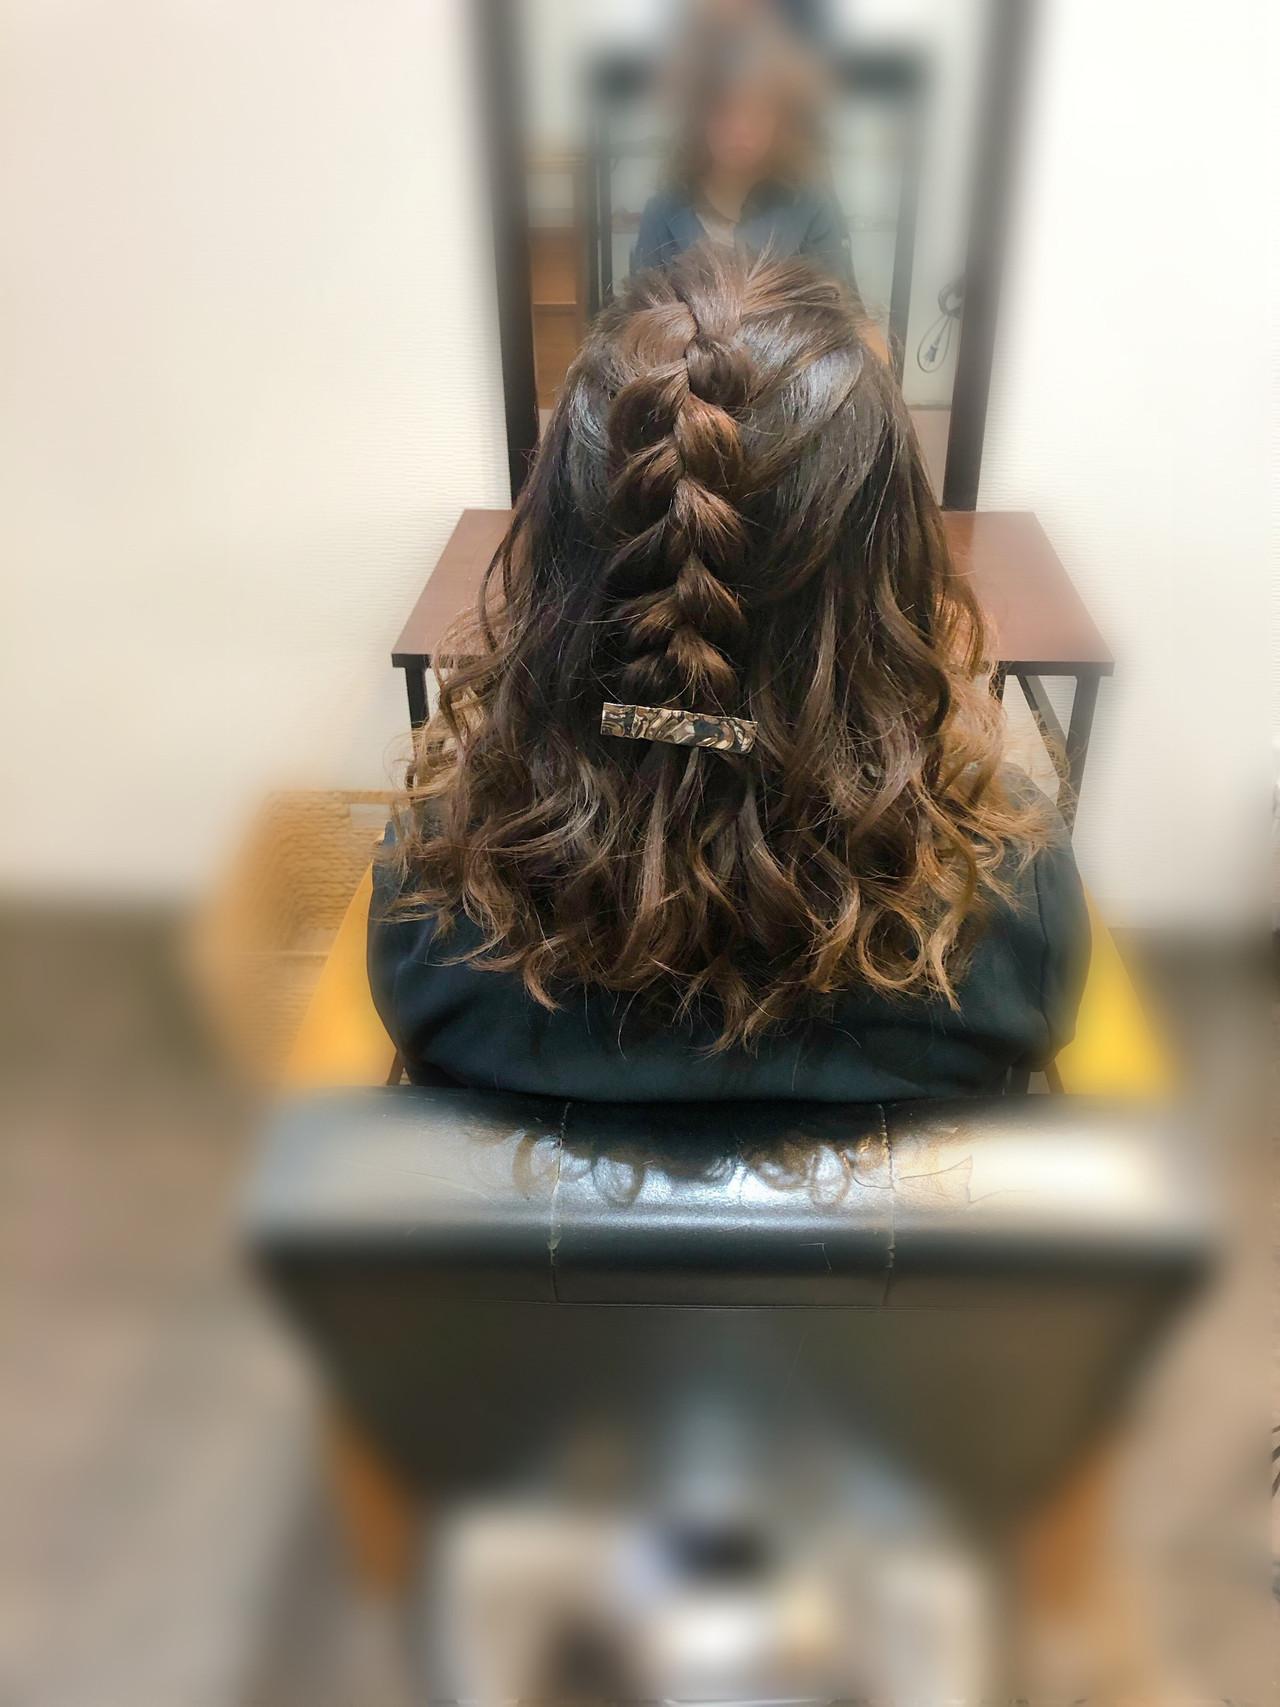 ヘアセット フェミニン 編み込みヘア 編み込み ヘアスタイルや髪型の写真・画像 | mai / HAIR SALON STELLA